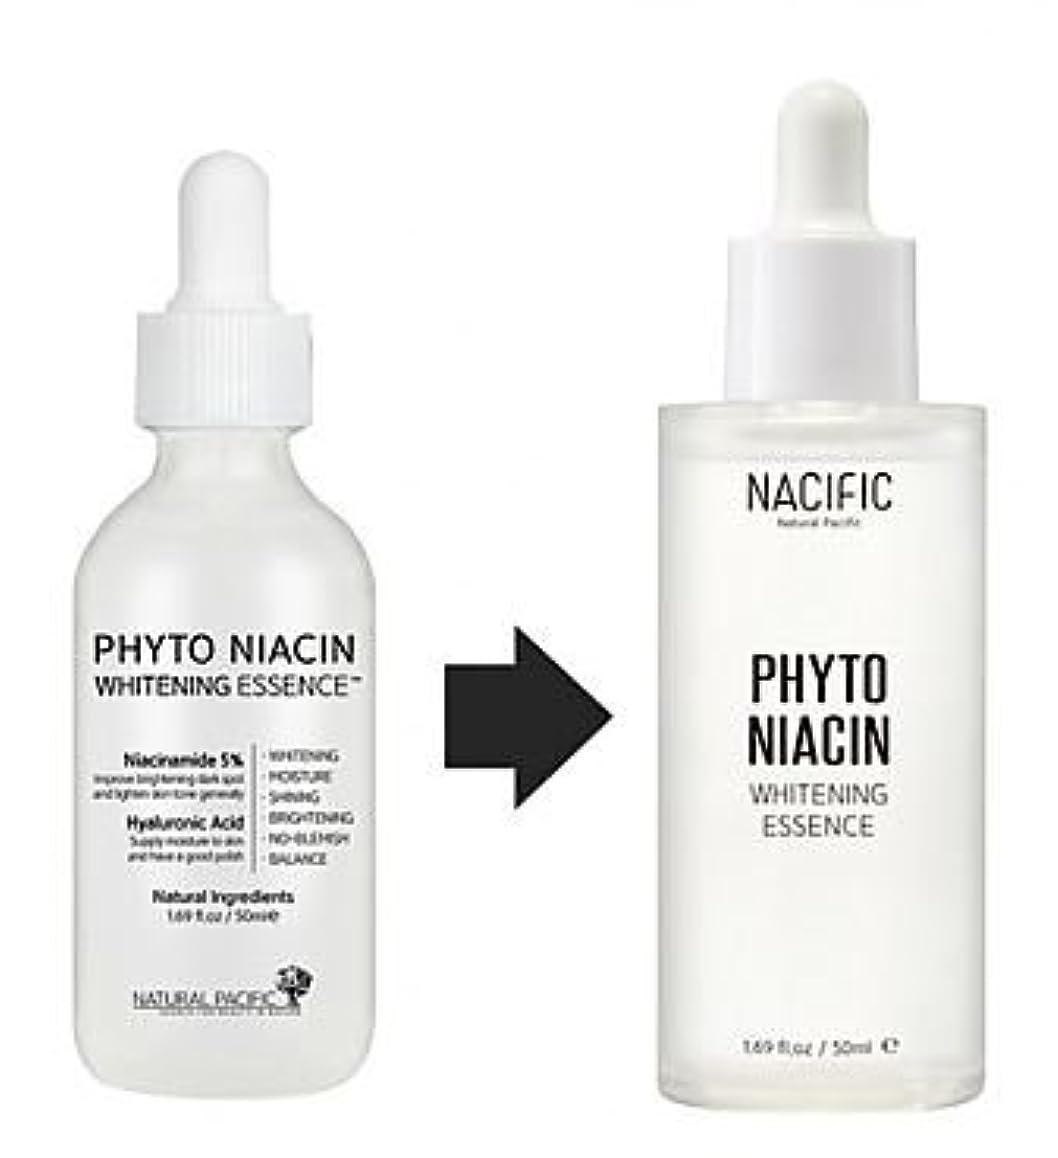 挽く指フィードオン[NACIFIC]Phyto Niacin Whitening Essence 50ml/ナチュラルパシフィック フィト ナイアシン ホワイトニング エッセンス 50ml [並行輸入品]